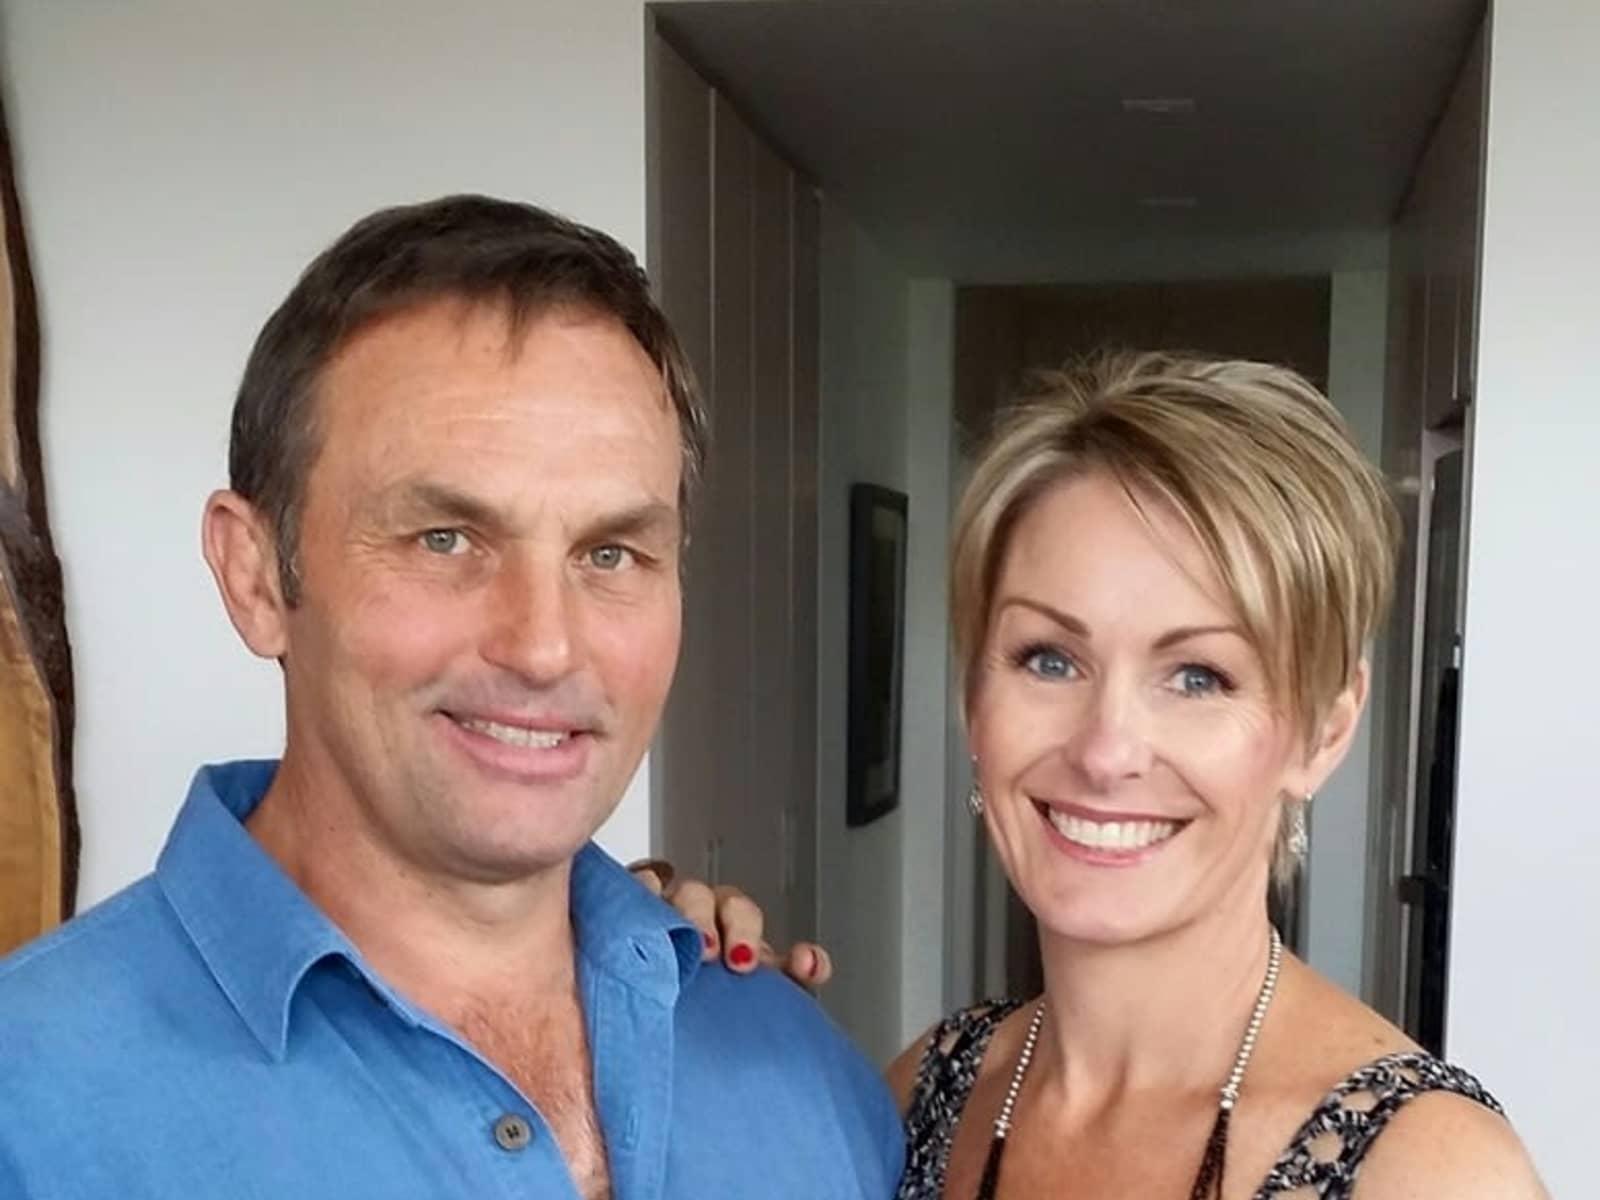 Lyn & David from Mooloolaba, Queensland, Australia